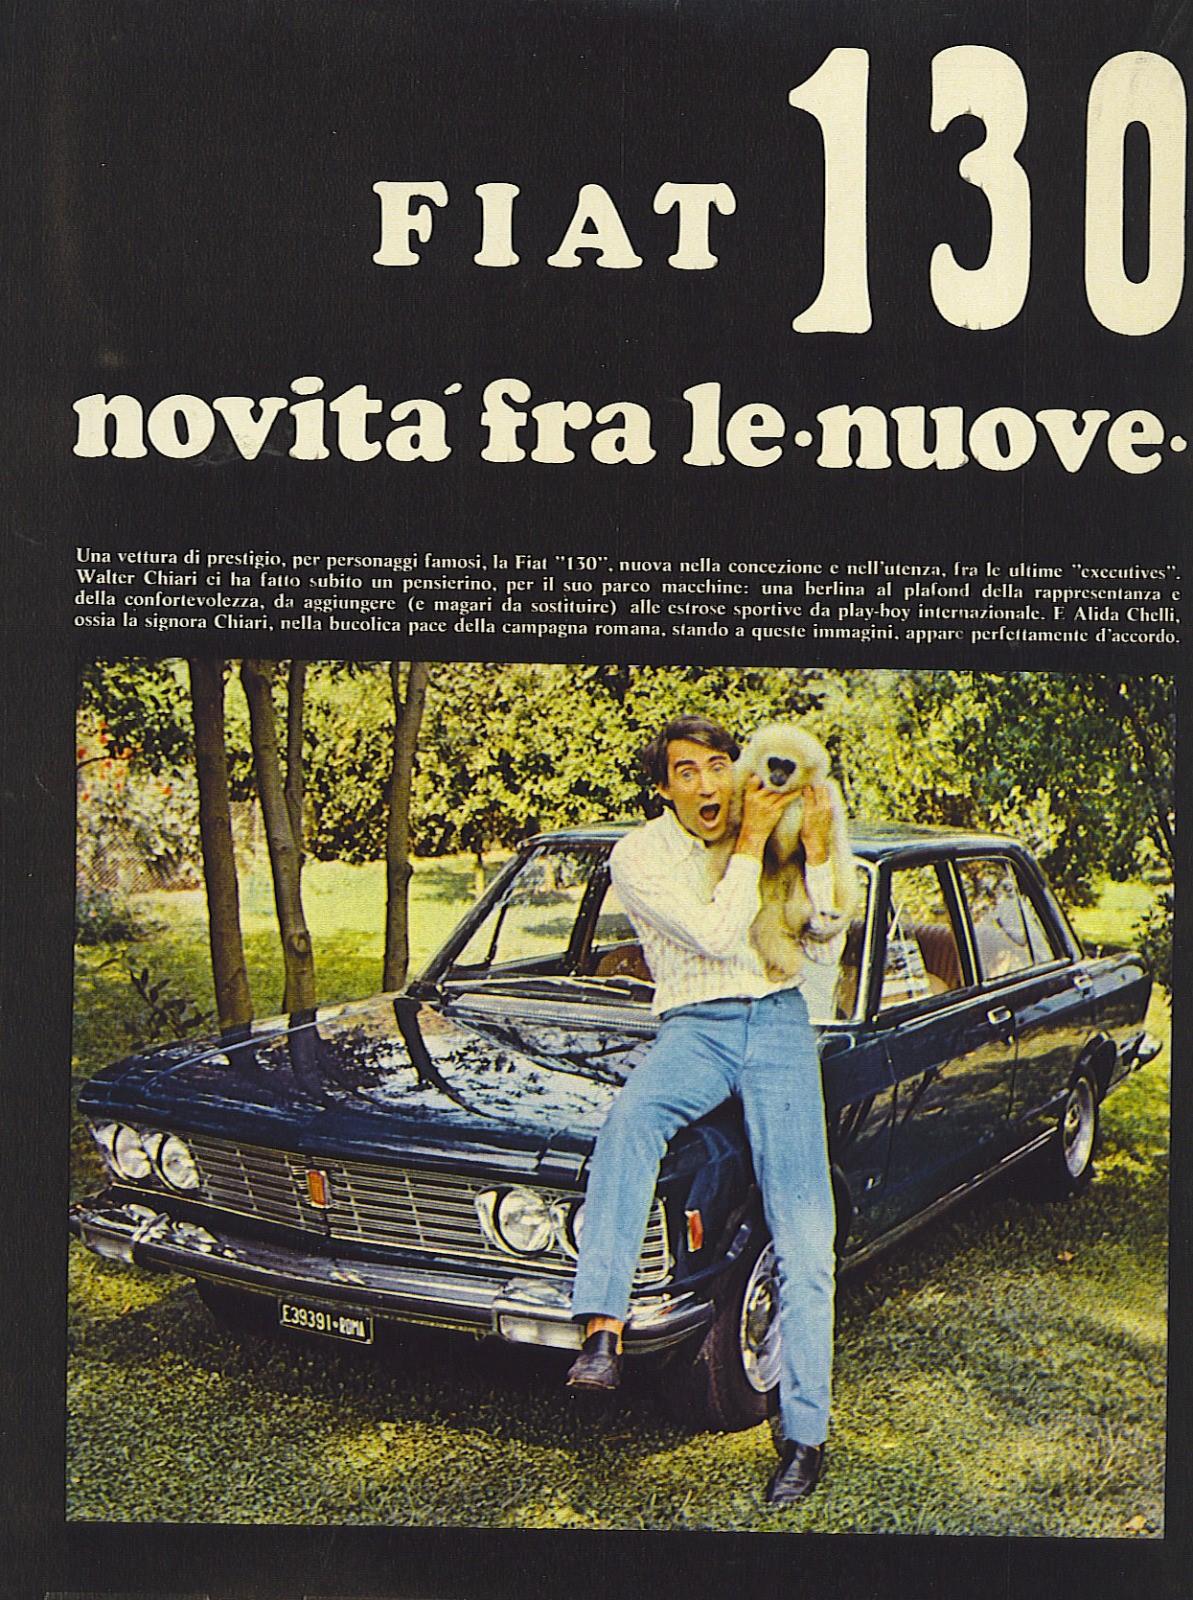 Walter Chiari & Fiat 130